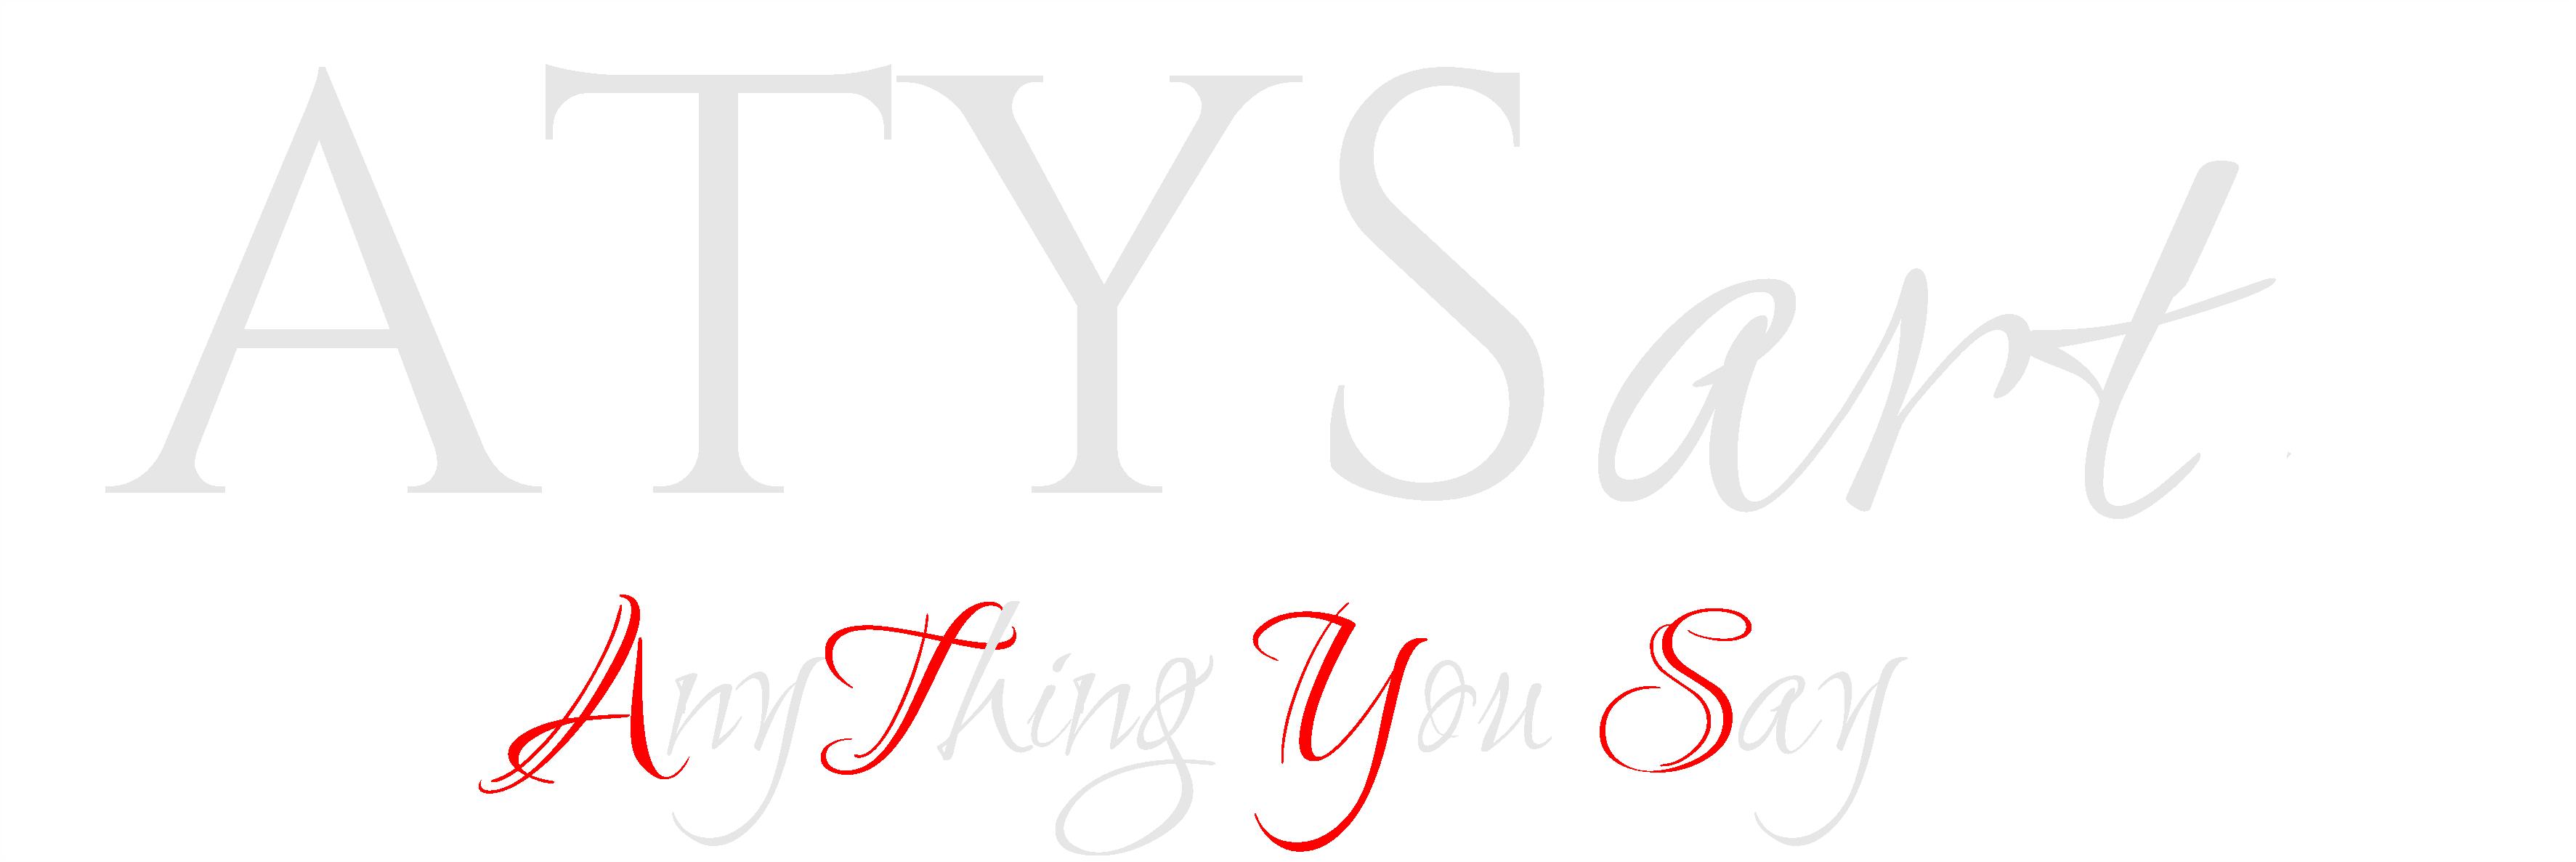 atysart.com